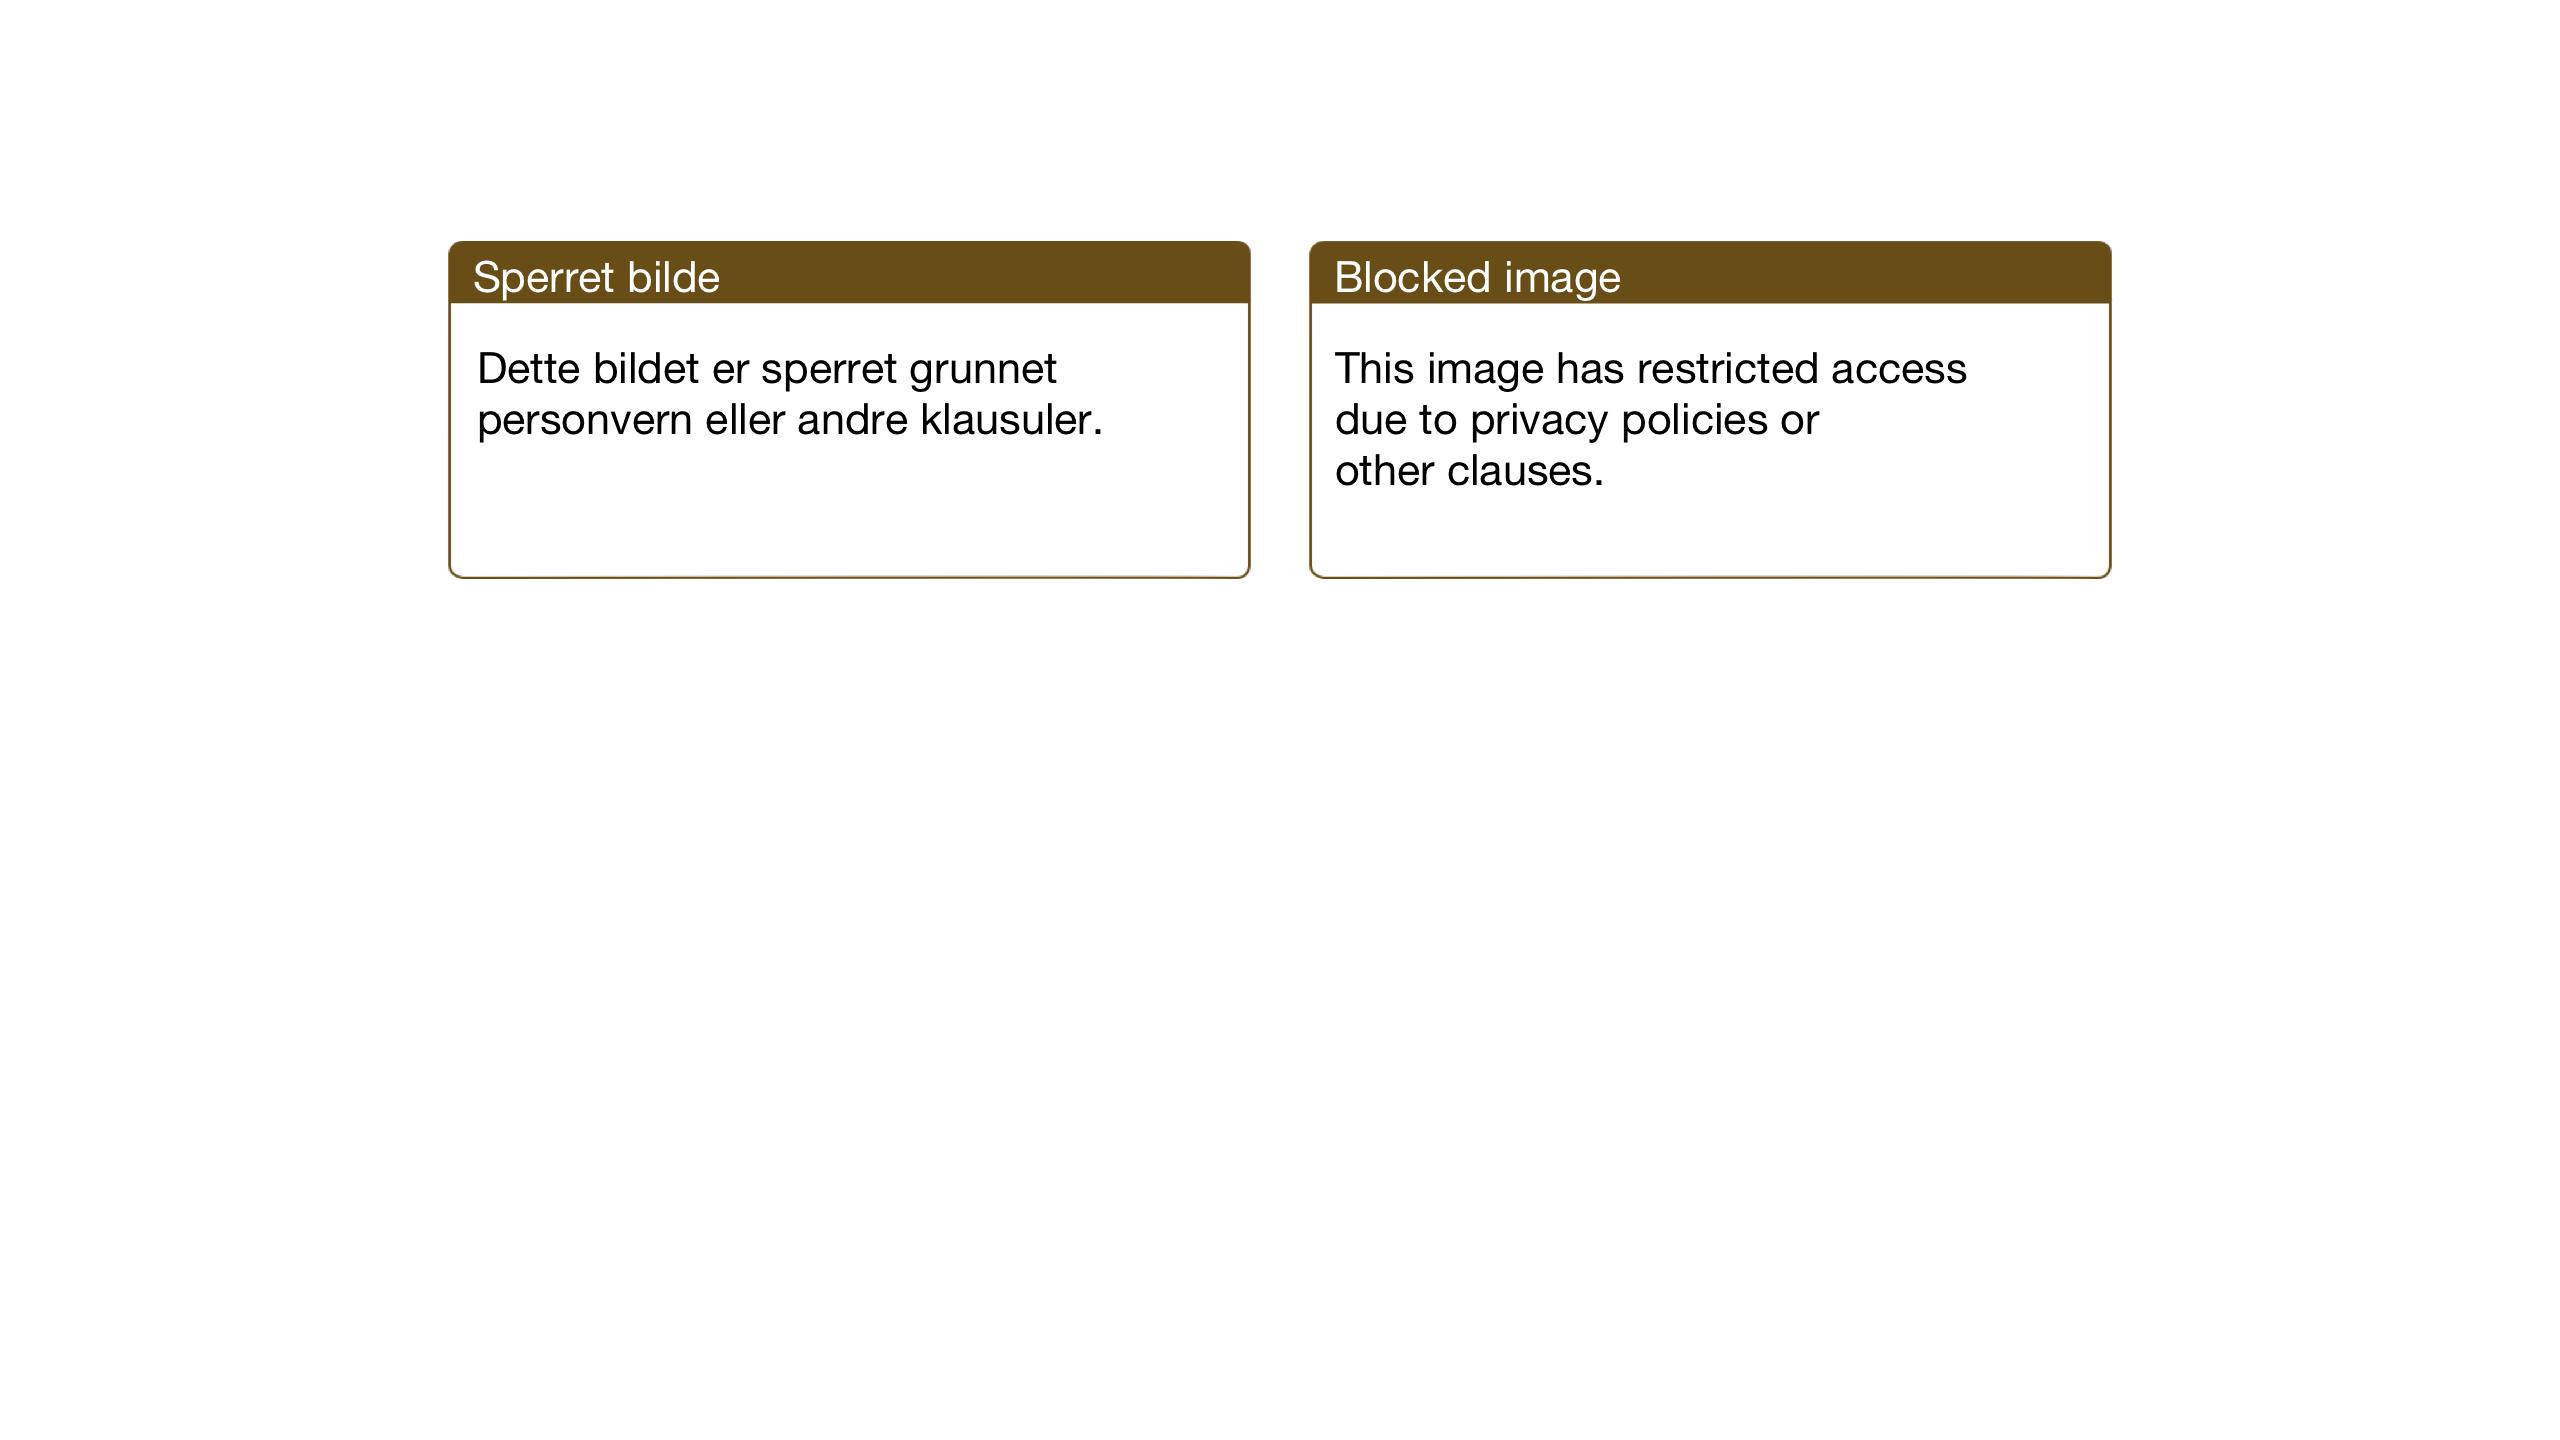 SAT, Ministerialprotokoller, klokkerbøker og fødselsregistre - Nord-Trøndelag, 746/L0456: Klokkerbok nr. 746C02, 1936-1948, s. 27